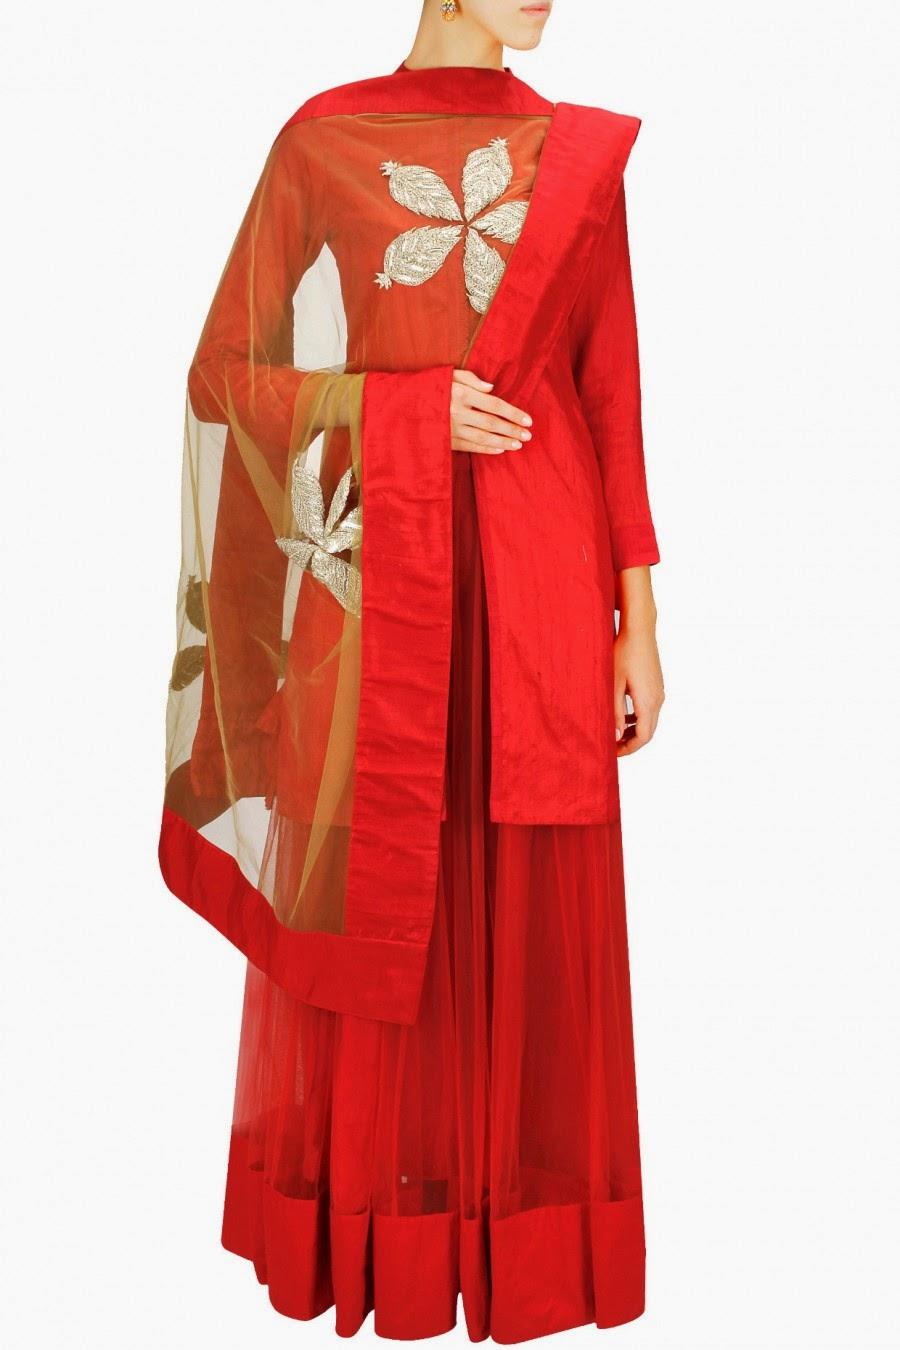 buy online 84d18 18760 Sogo fashion pvt ltd noida